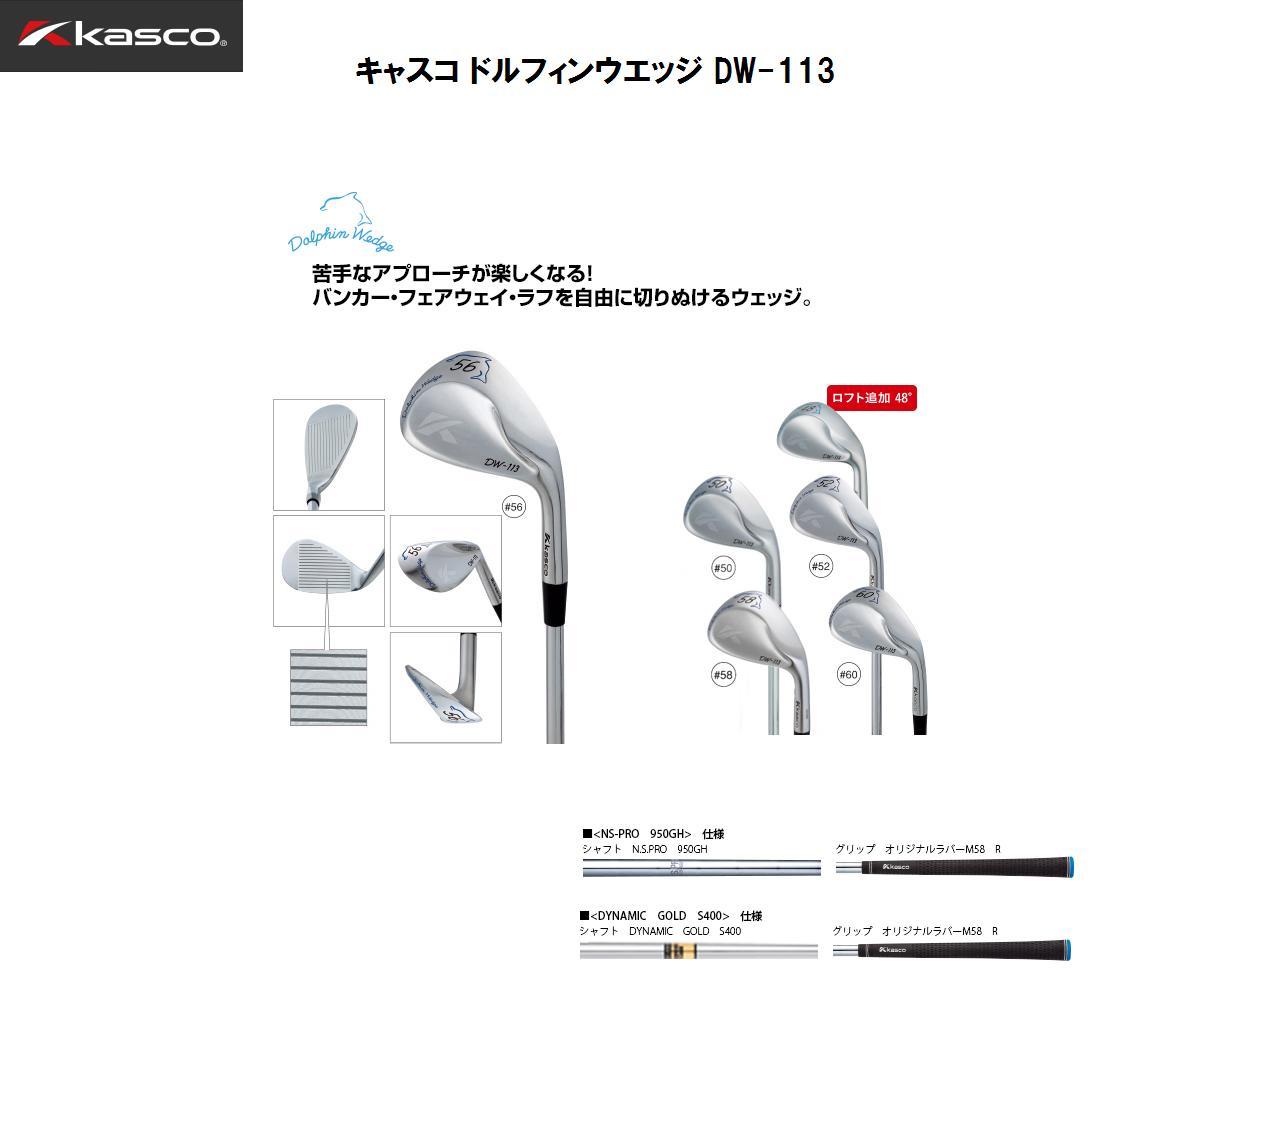 【新品】キャスコ DOLPHIN WEDGE DW-113 ドルフィンウェッジ113 クロムメッキ仕上げ  スチールシャフト 日本正規品 メーカー保証書付き